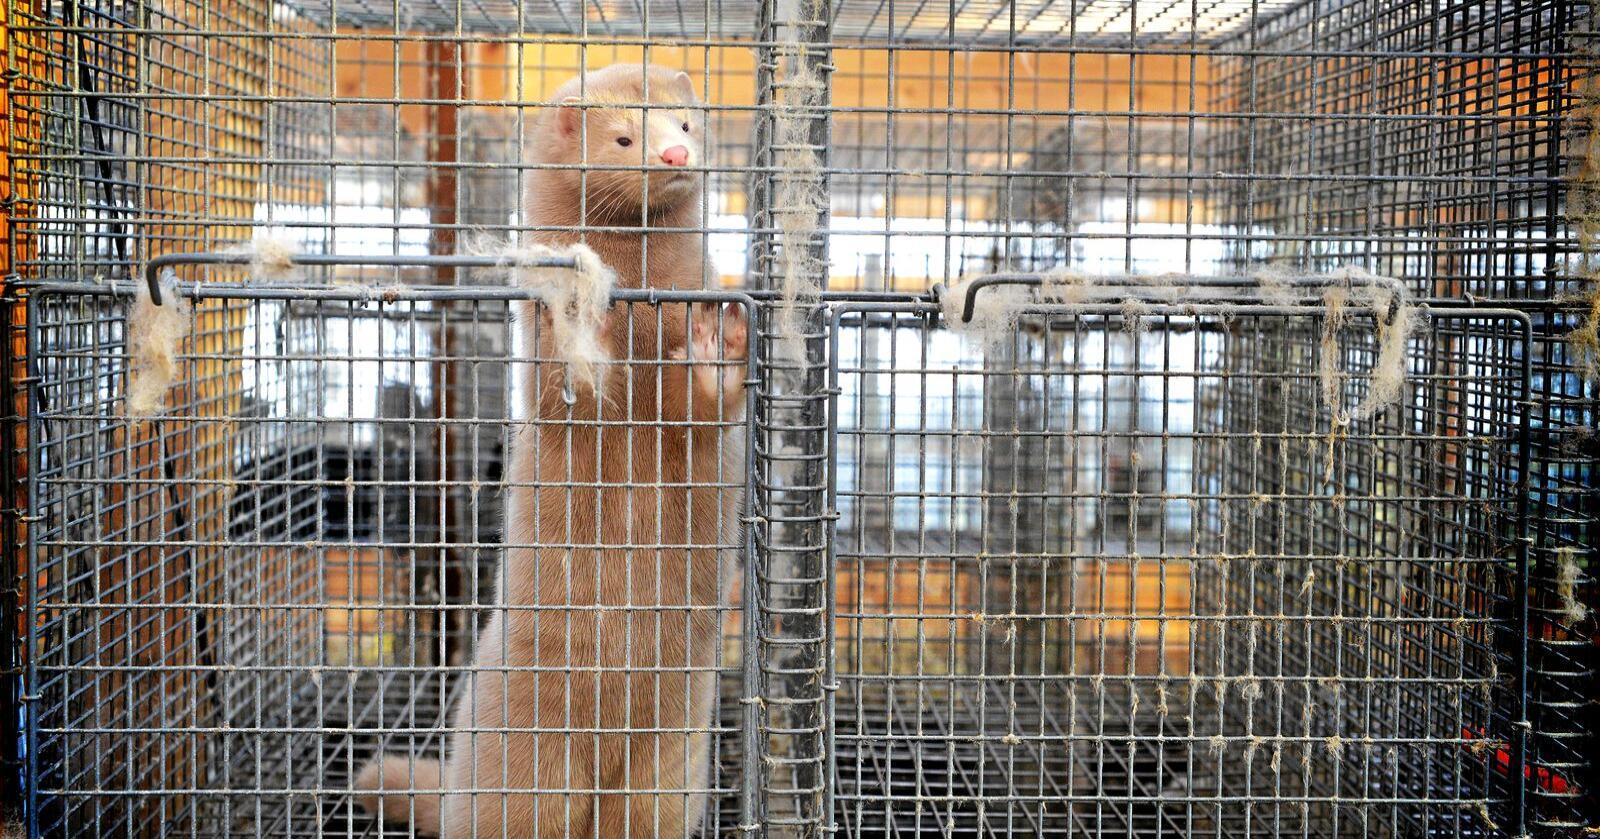 Den første utbetalingen av kompensasjon var til en pelsbonde. Illustrasjonsfoto: Siri Juell Rasmussen